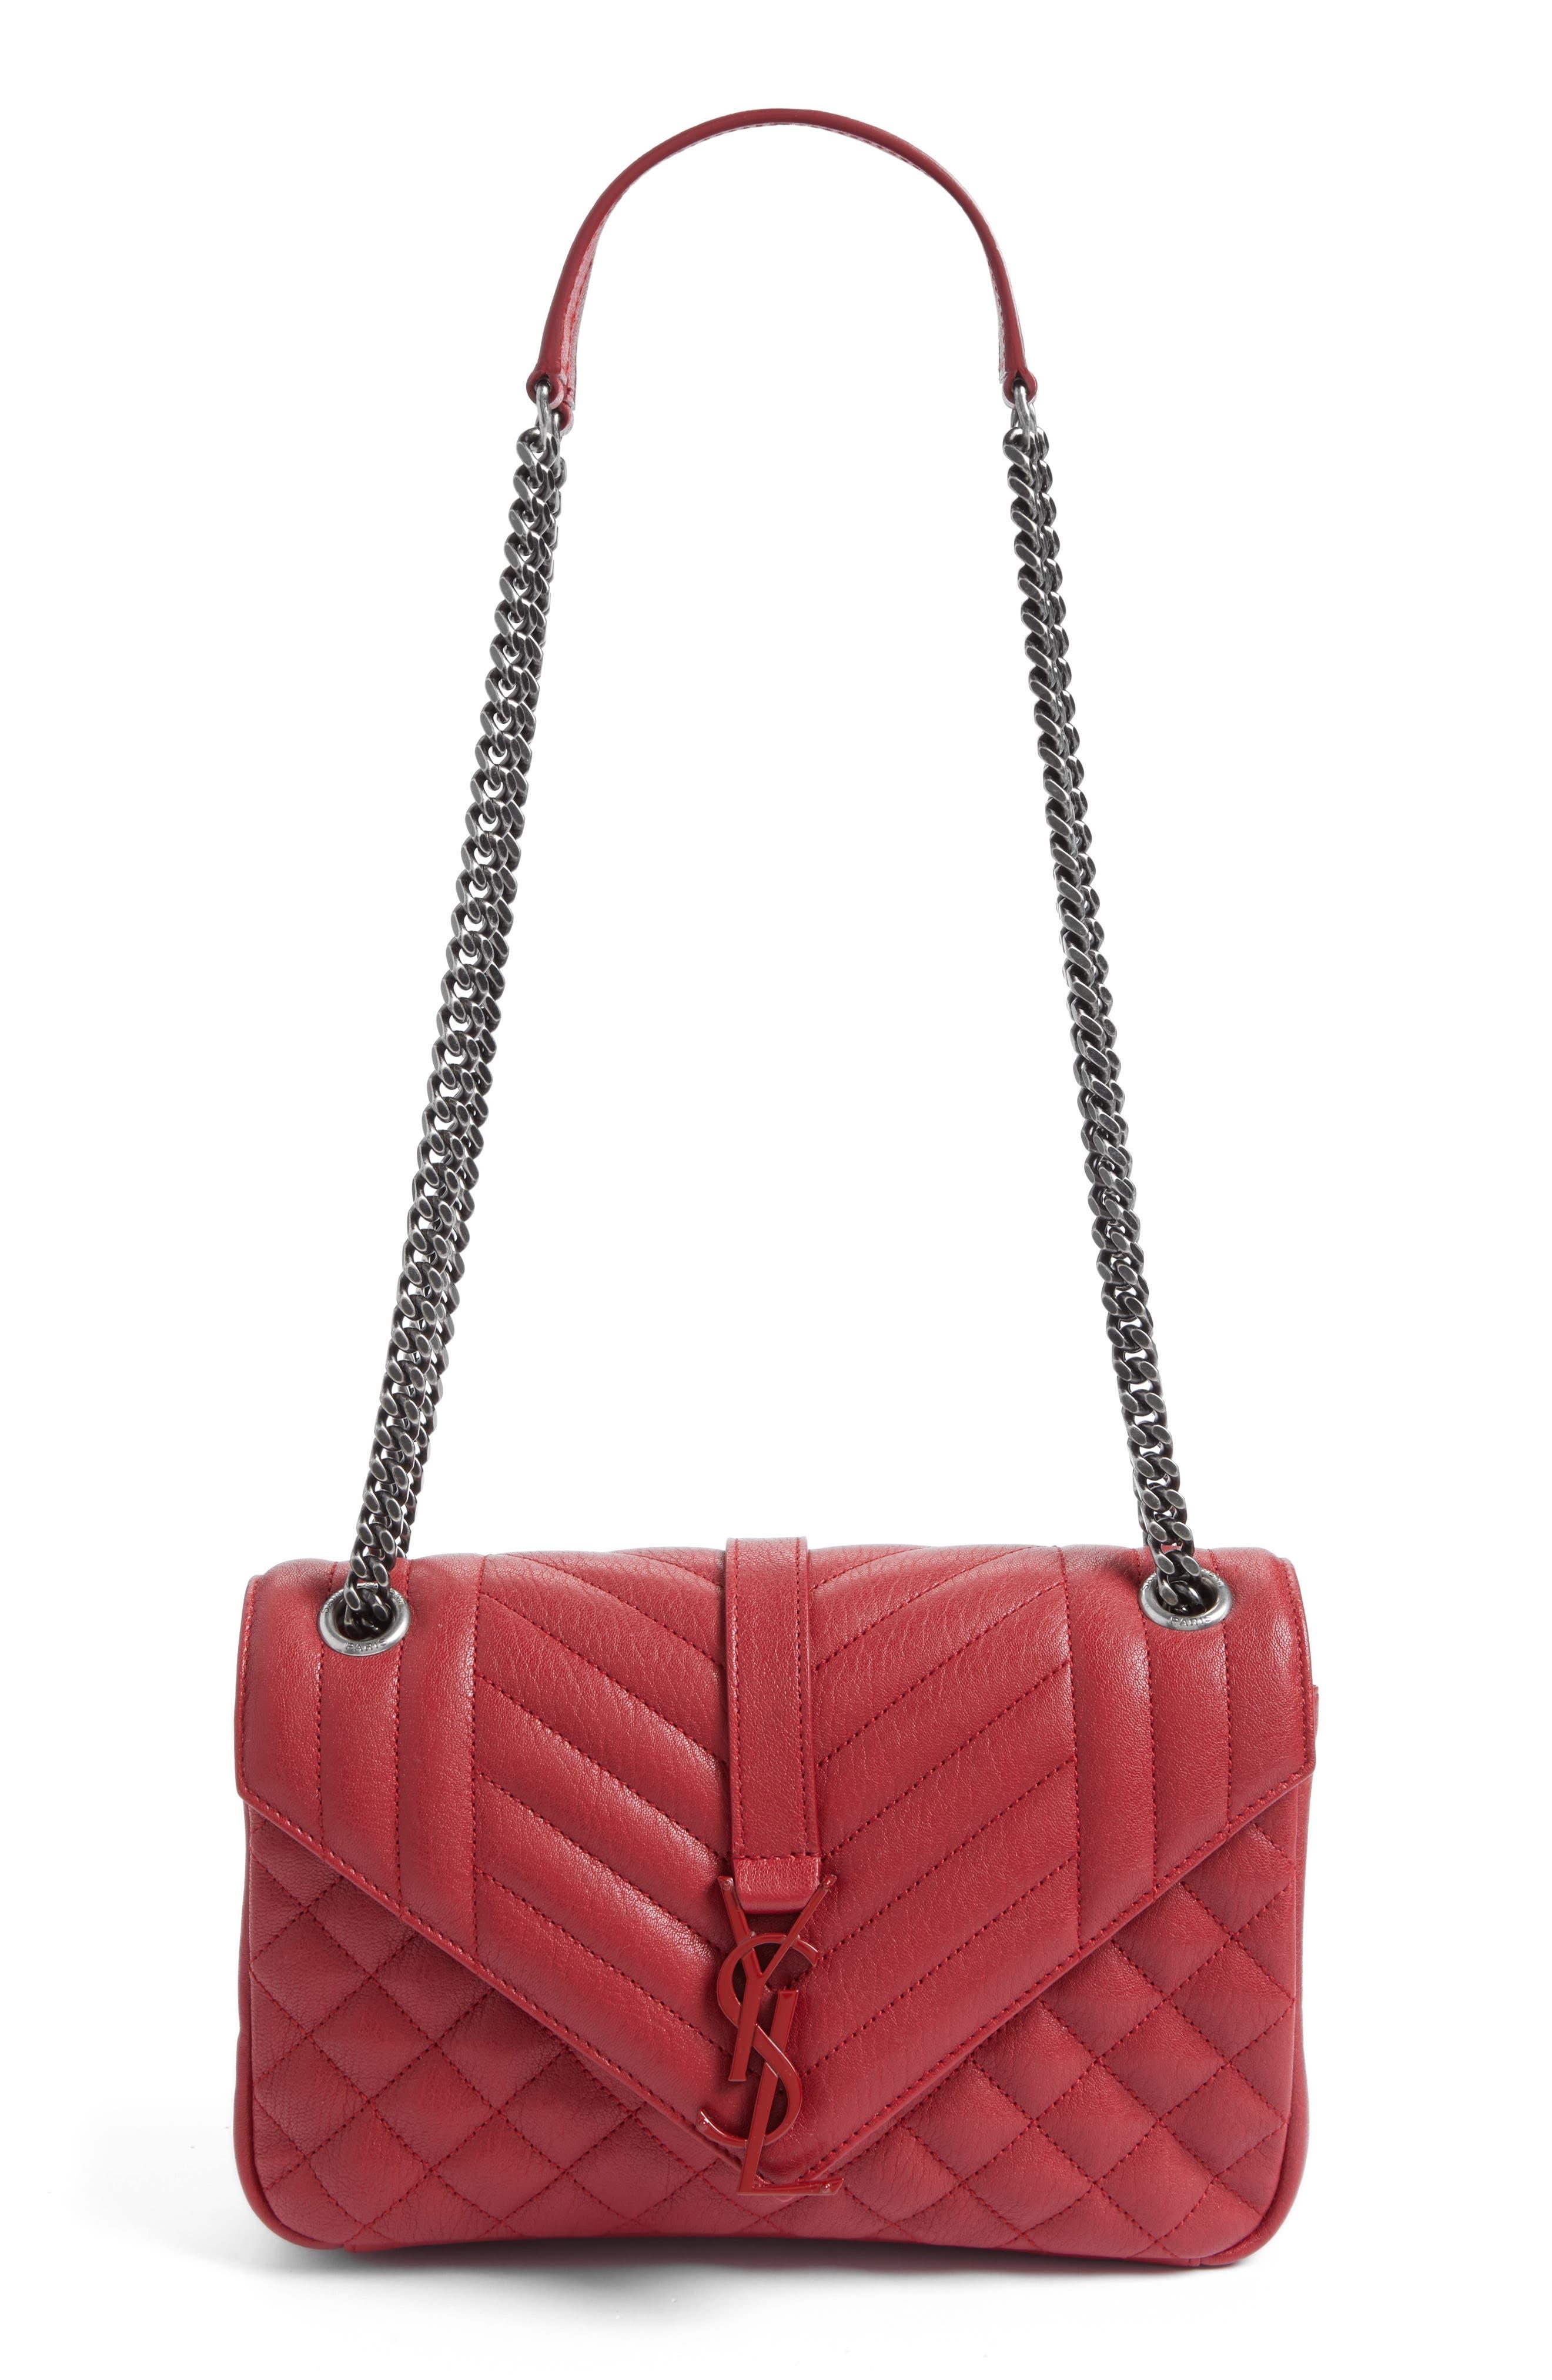 Large Monogramme Matelassé Leather Shoulder Bag,                             Main thumbnail 1, color,                             Rouge Lipstick